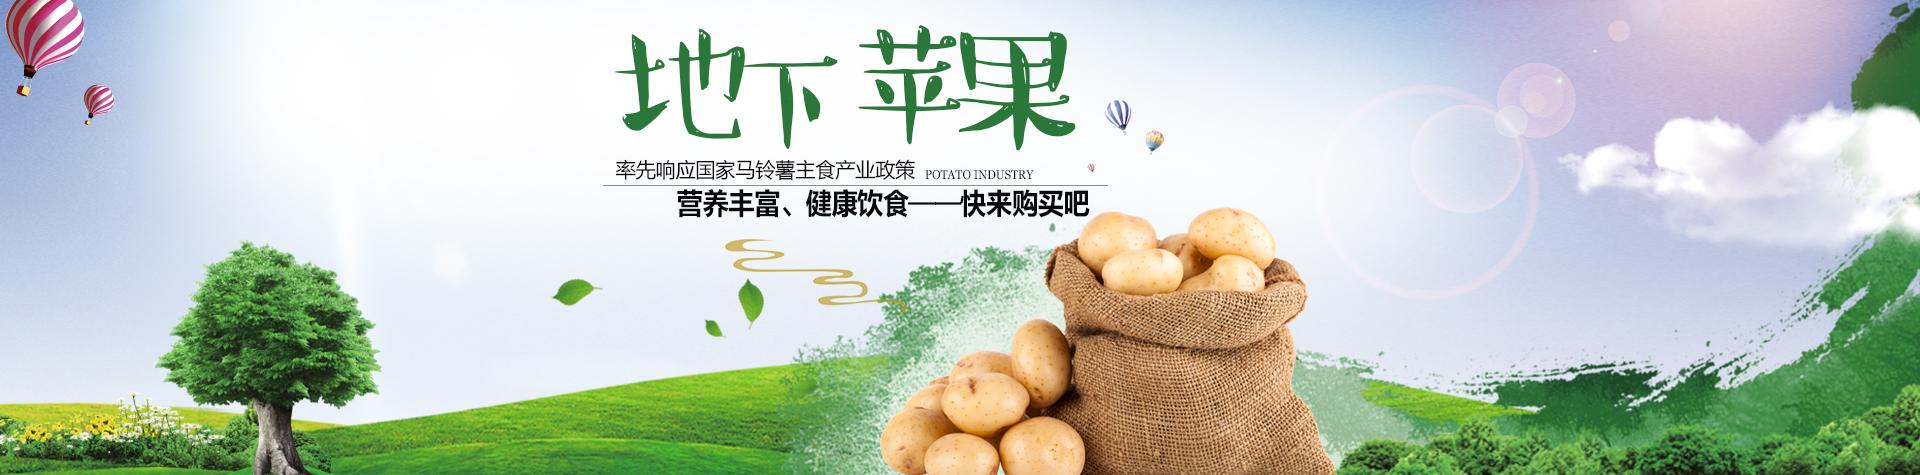 马铃薯超市